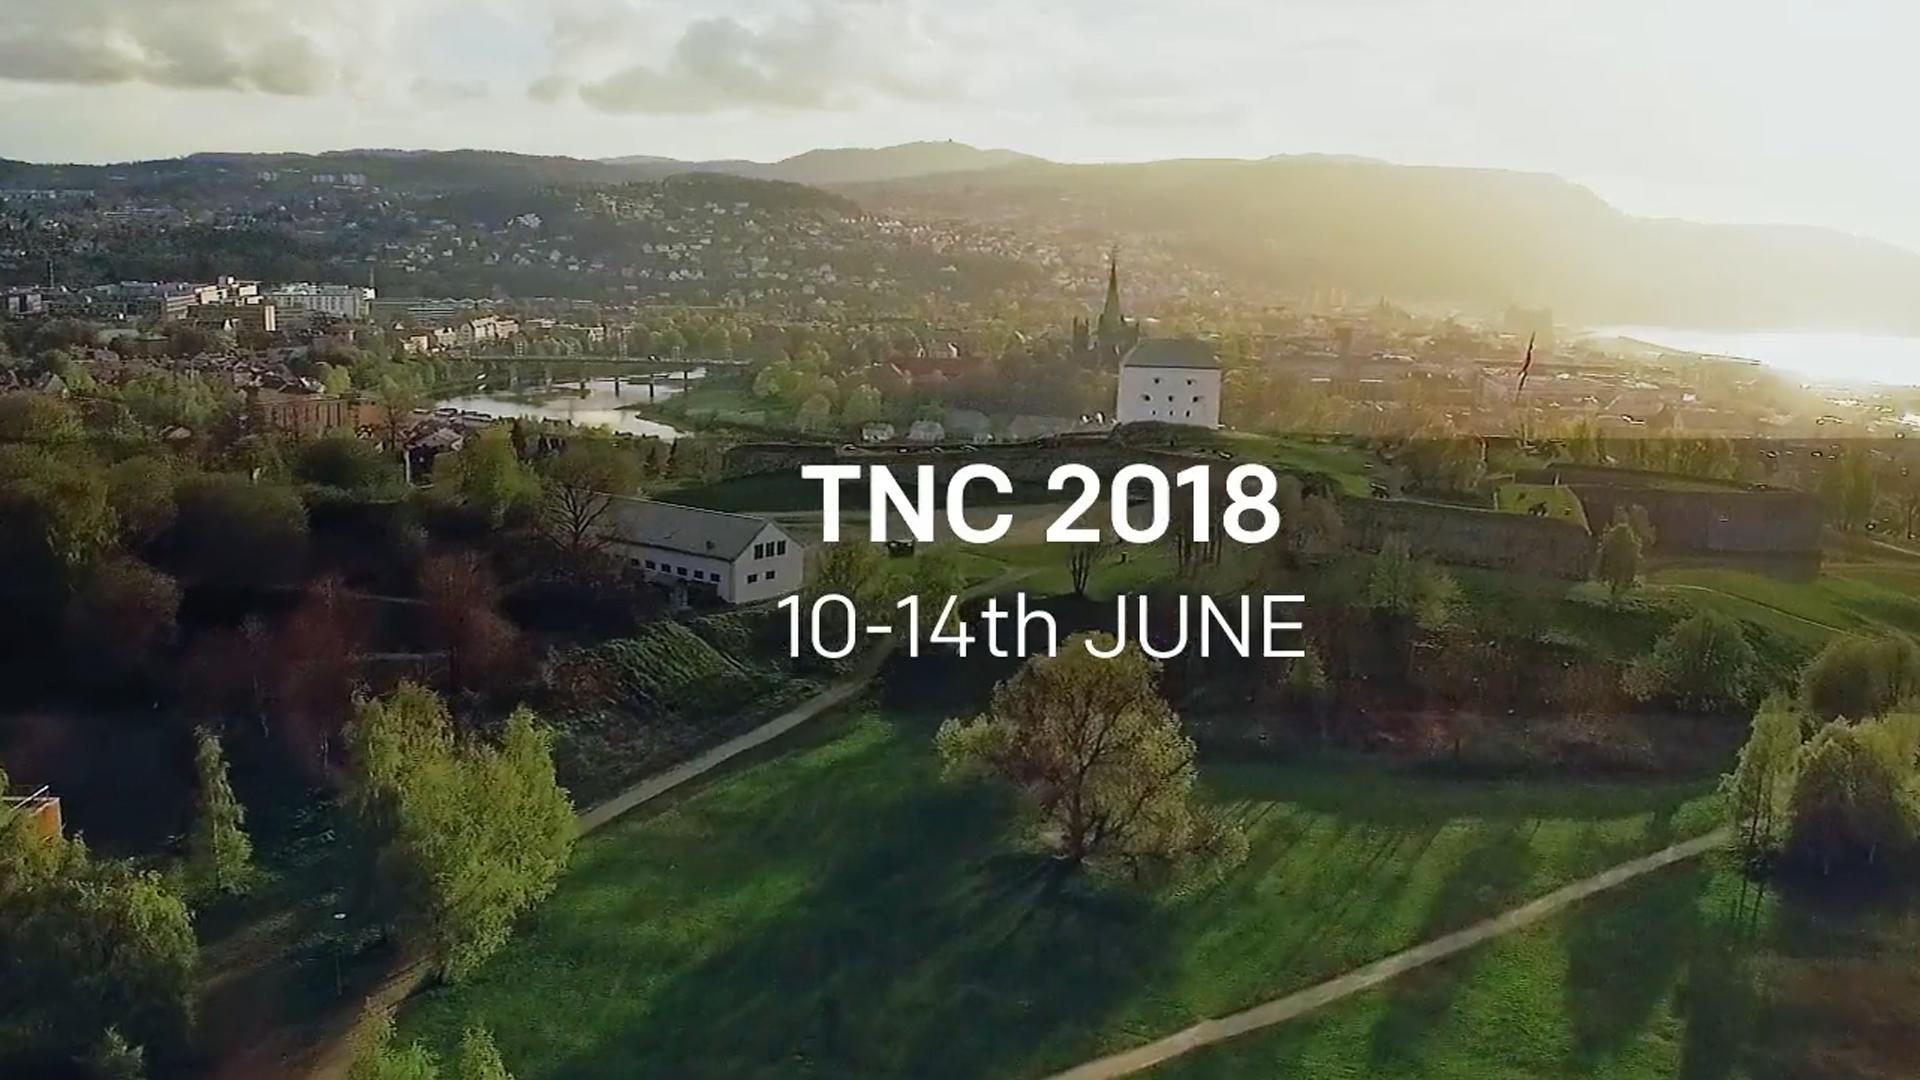 PCSS partnerem technologicznym TNC 2018 w Trondheim